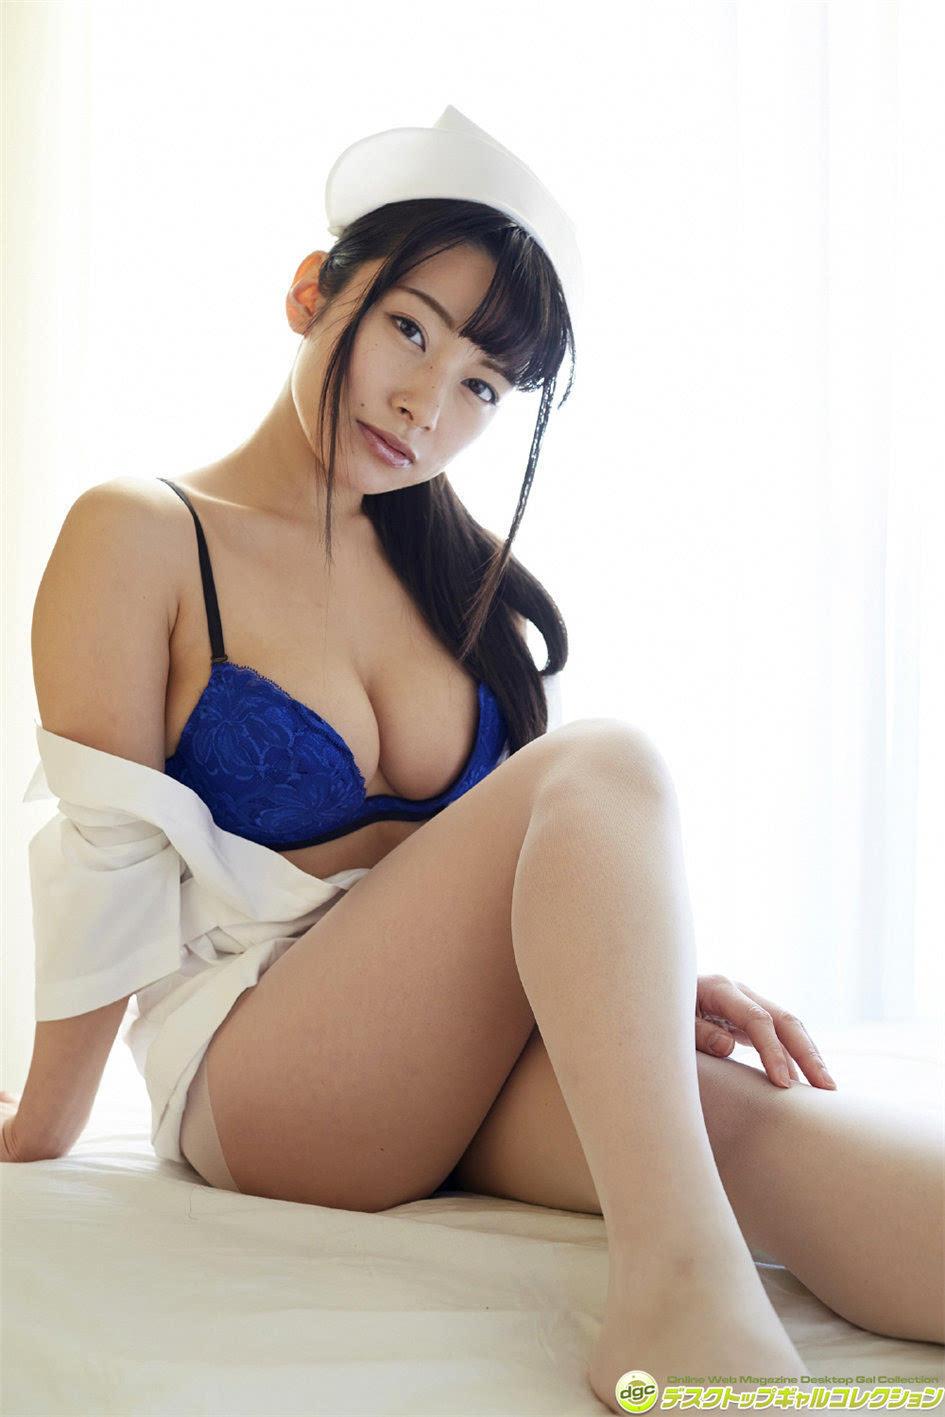 熟女丝袜骚穴淫�_日本ol熟女躺平脱丝袜上围难兜极致风情